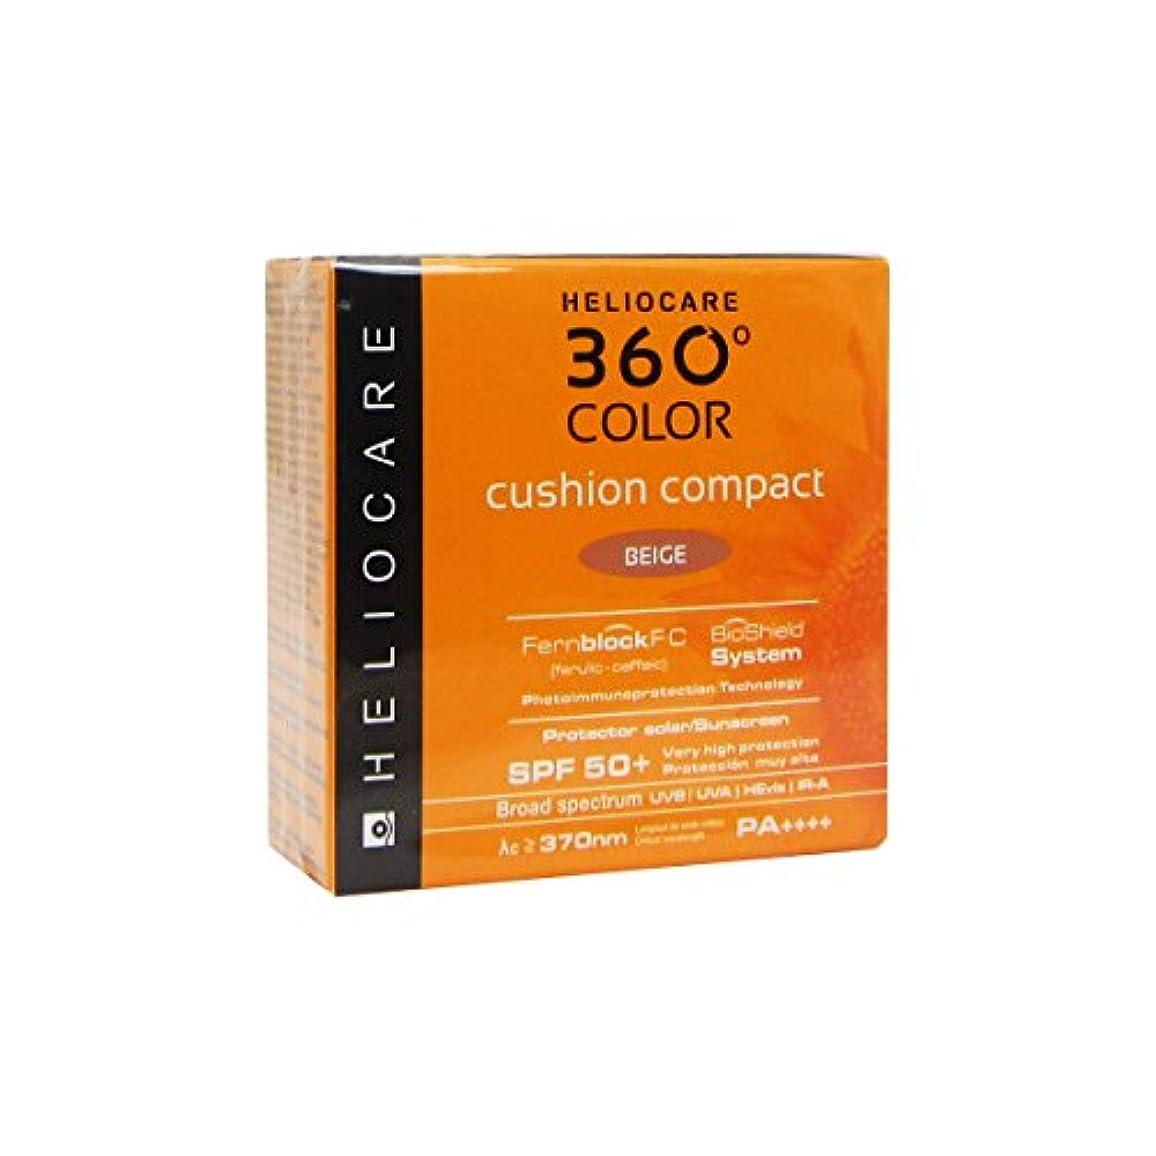 一握り支店財団Heliocare 360 Compact Cushion Spf50 Beige Spf50+ 15g [並行輸入品]